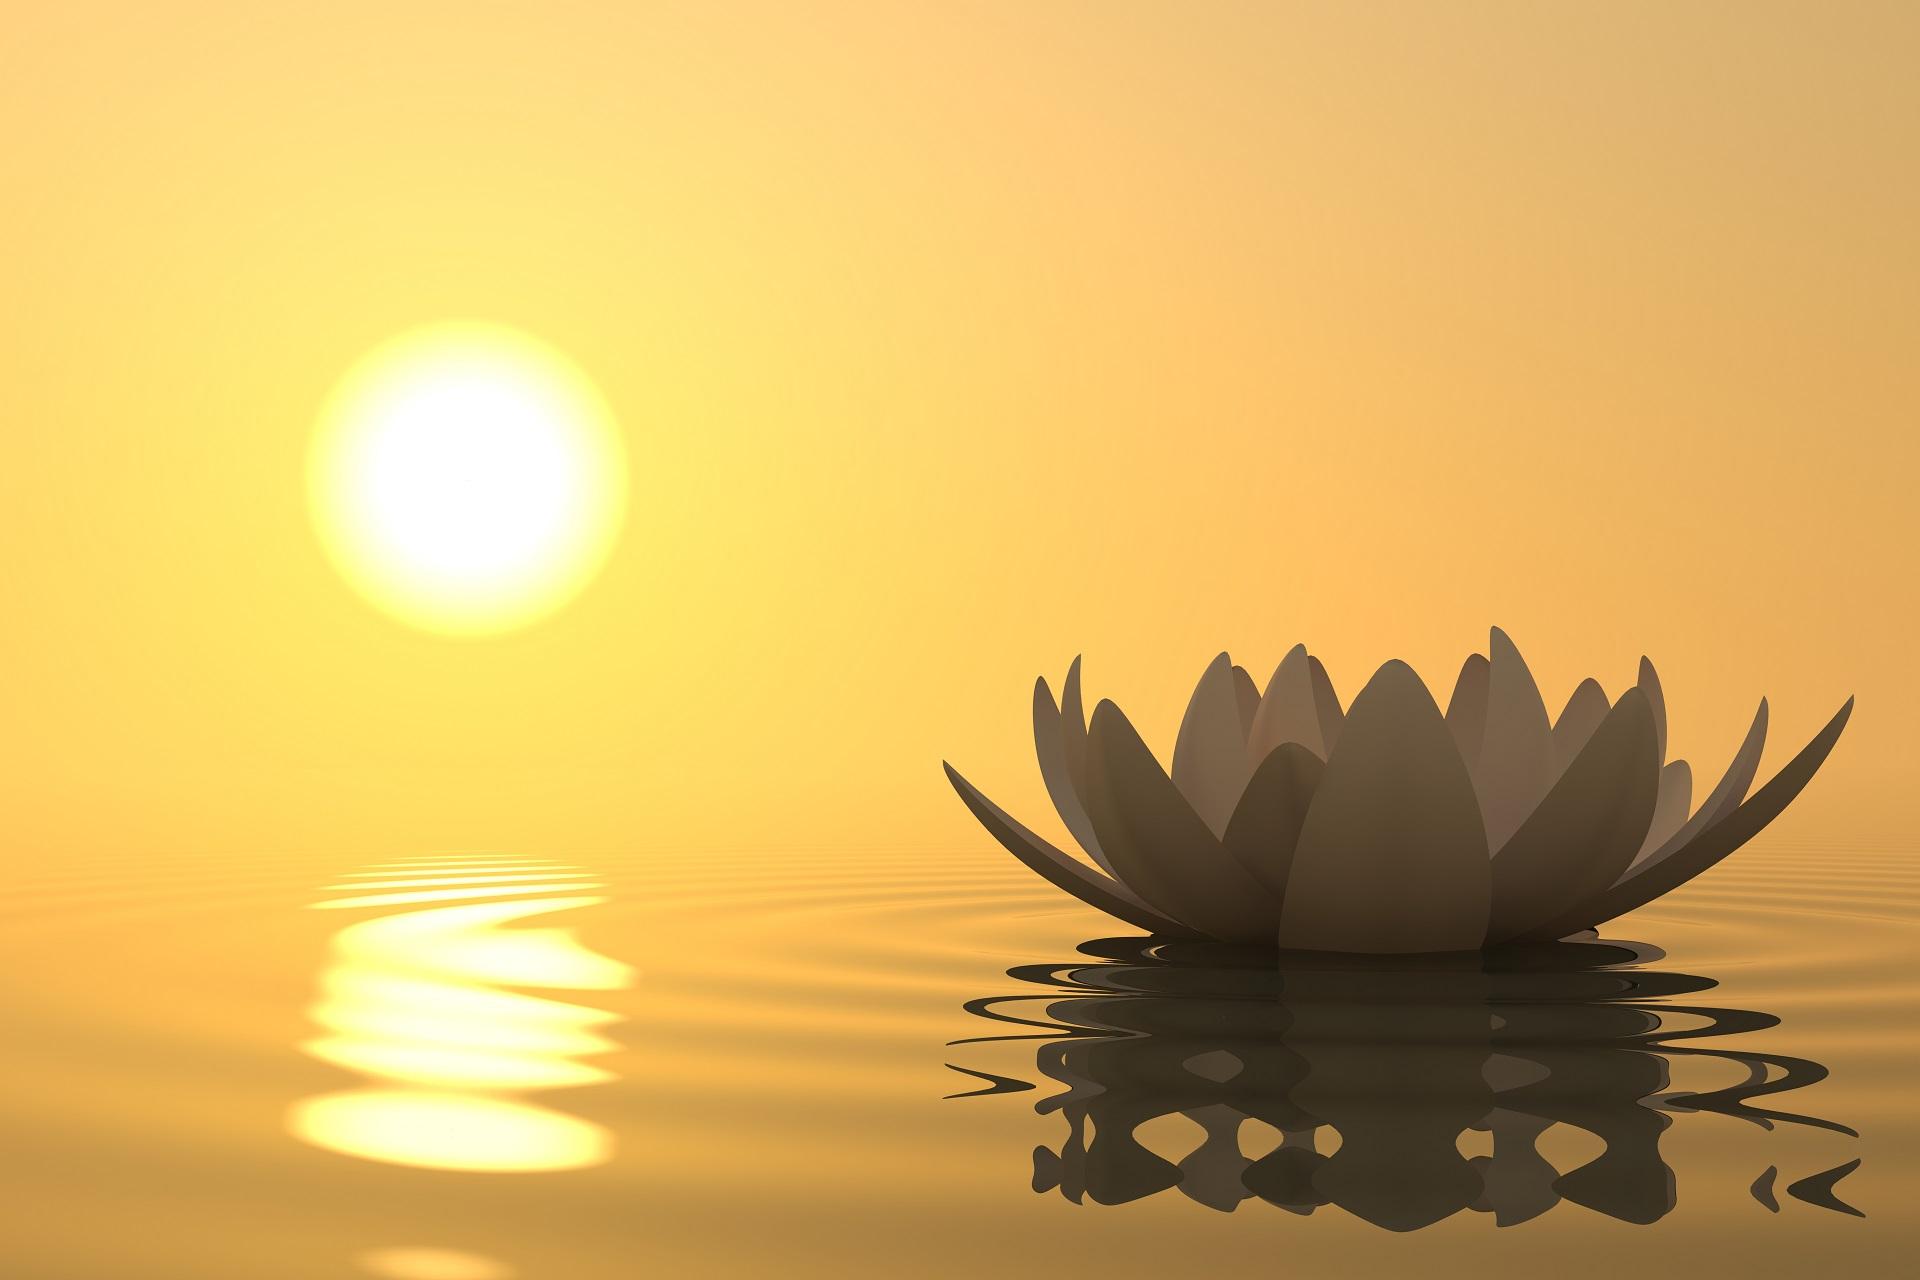 медитация новичкам, как правильно медитировать дома, обучение медитации, гармонизация чакр, как научиться медитации, управление внутренним состоянием, медитативное состояние, духовно-нравственные аспекты